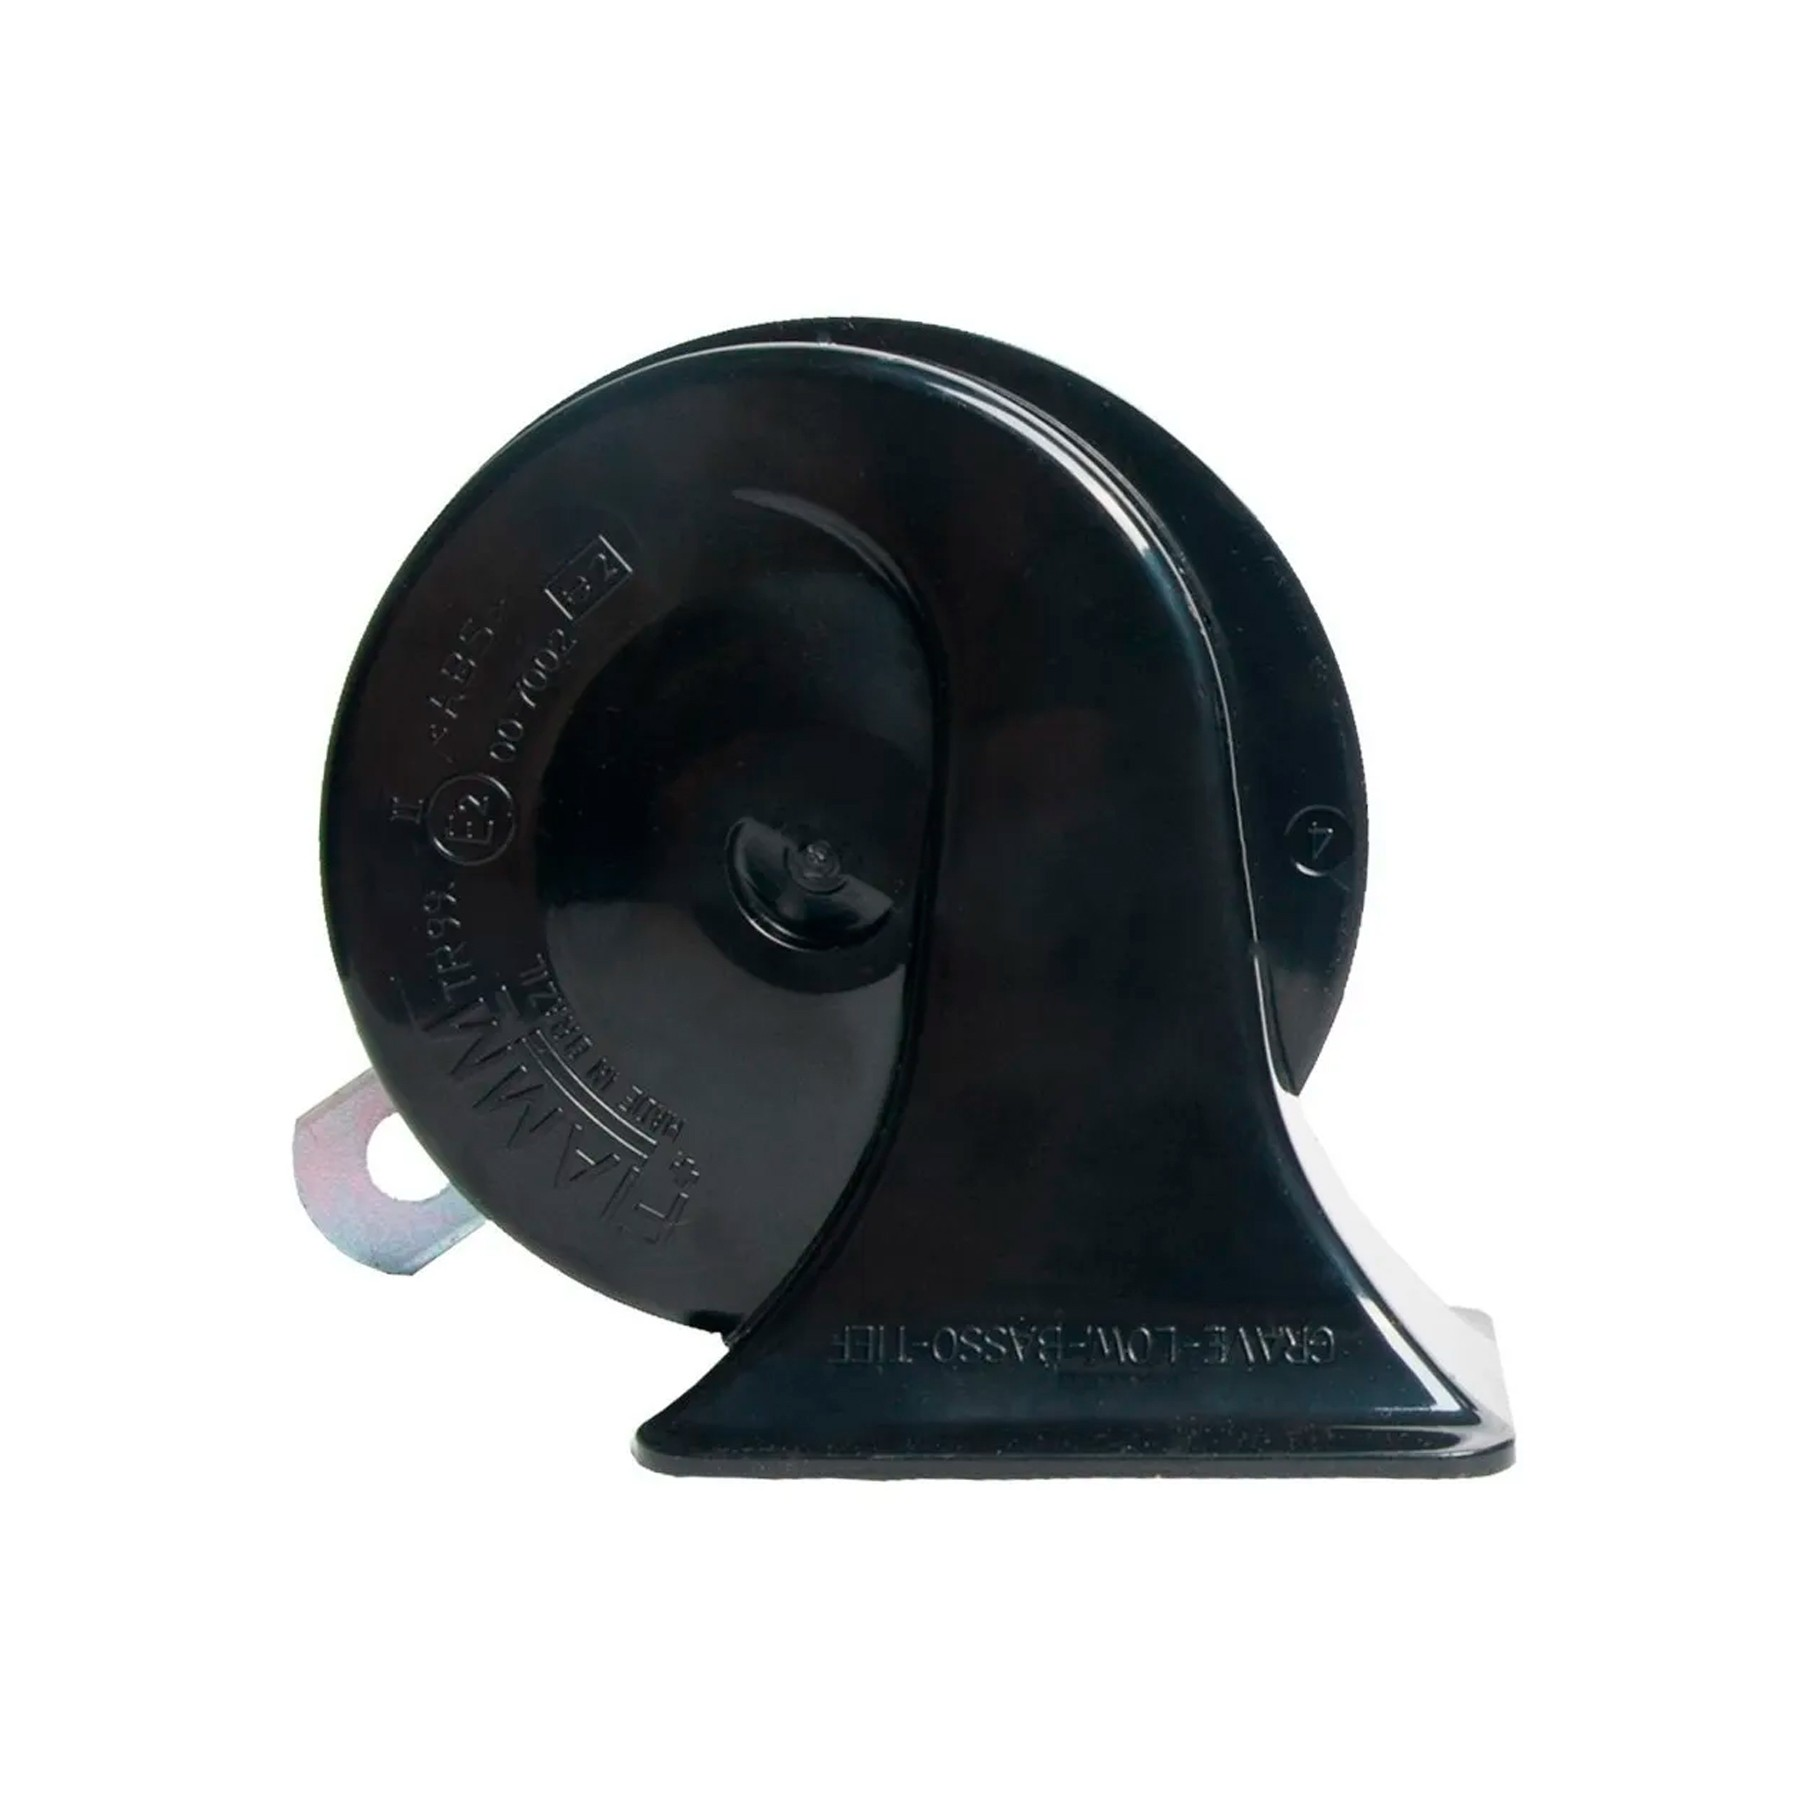 Buzina Fiamm Caracol Aguda 12v Com Conector Kbc9hc